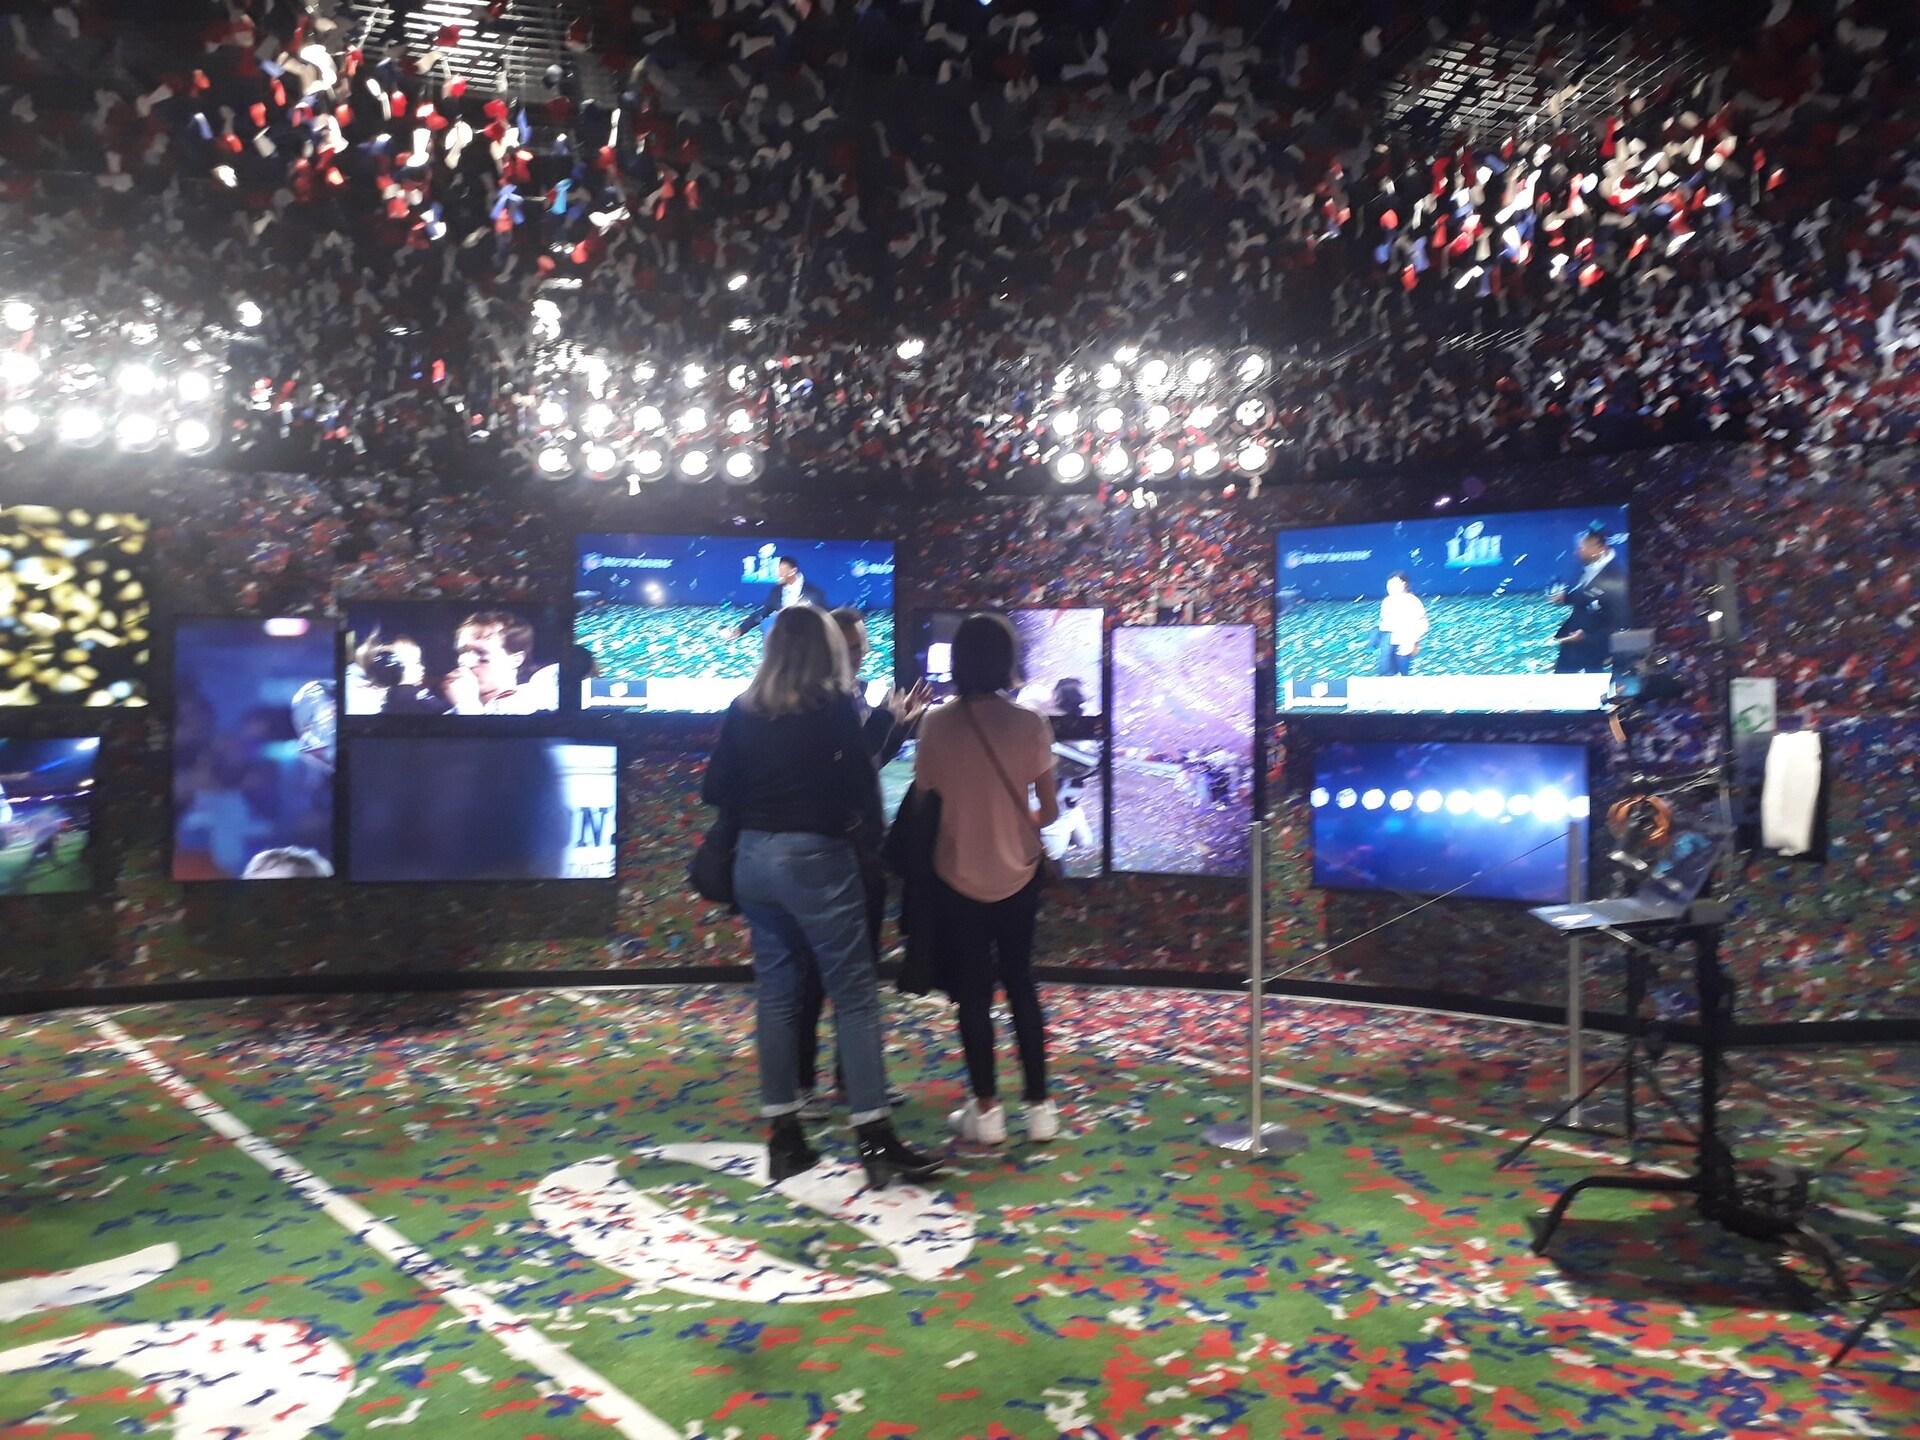 """O""""museu interativo"""" leva o visitante a uma imersão no esporte mais popular dos EUA"""